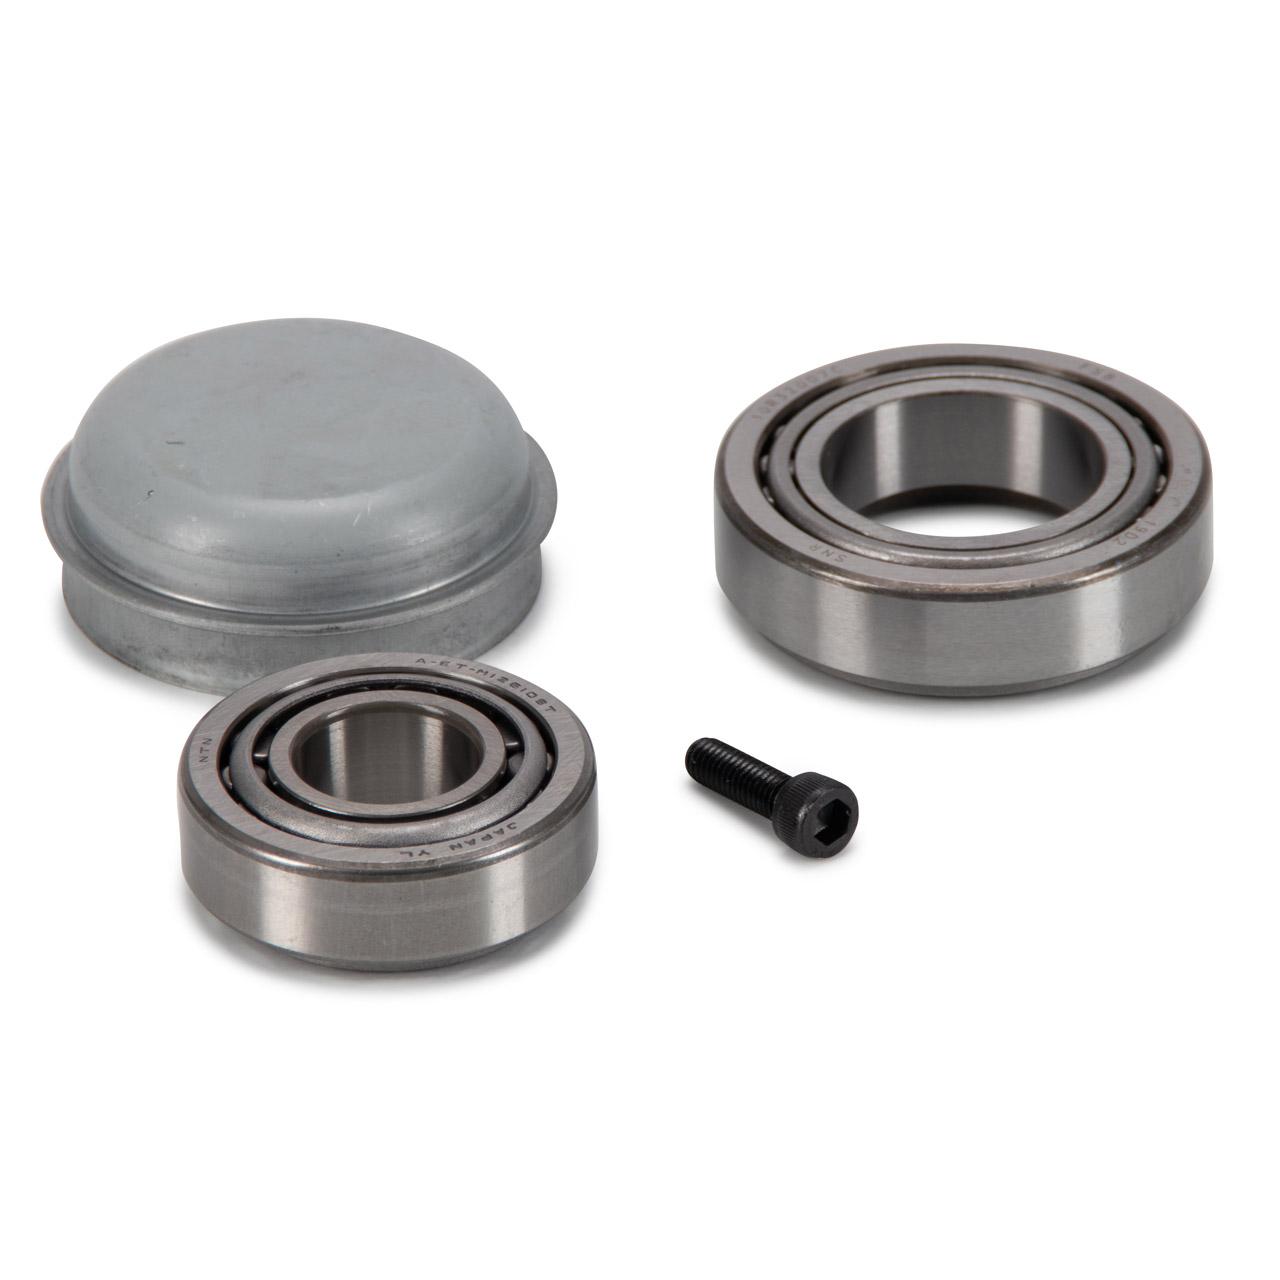 2x SNR R151.36 Radlagersatz MERCEDES W203 W204 C/A209 R172 R171 vorne / hinten